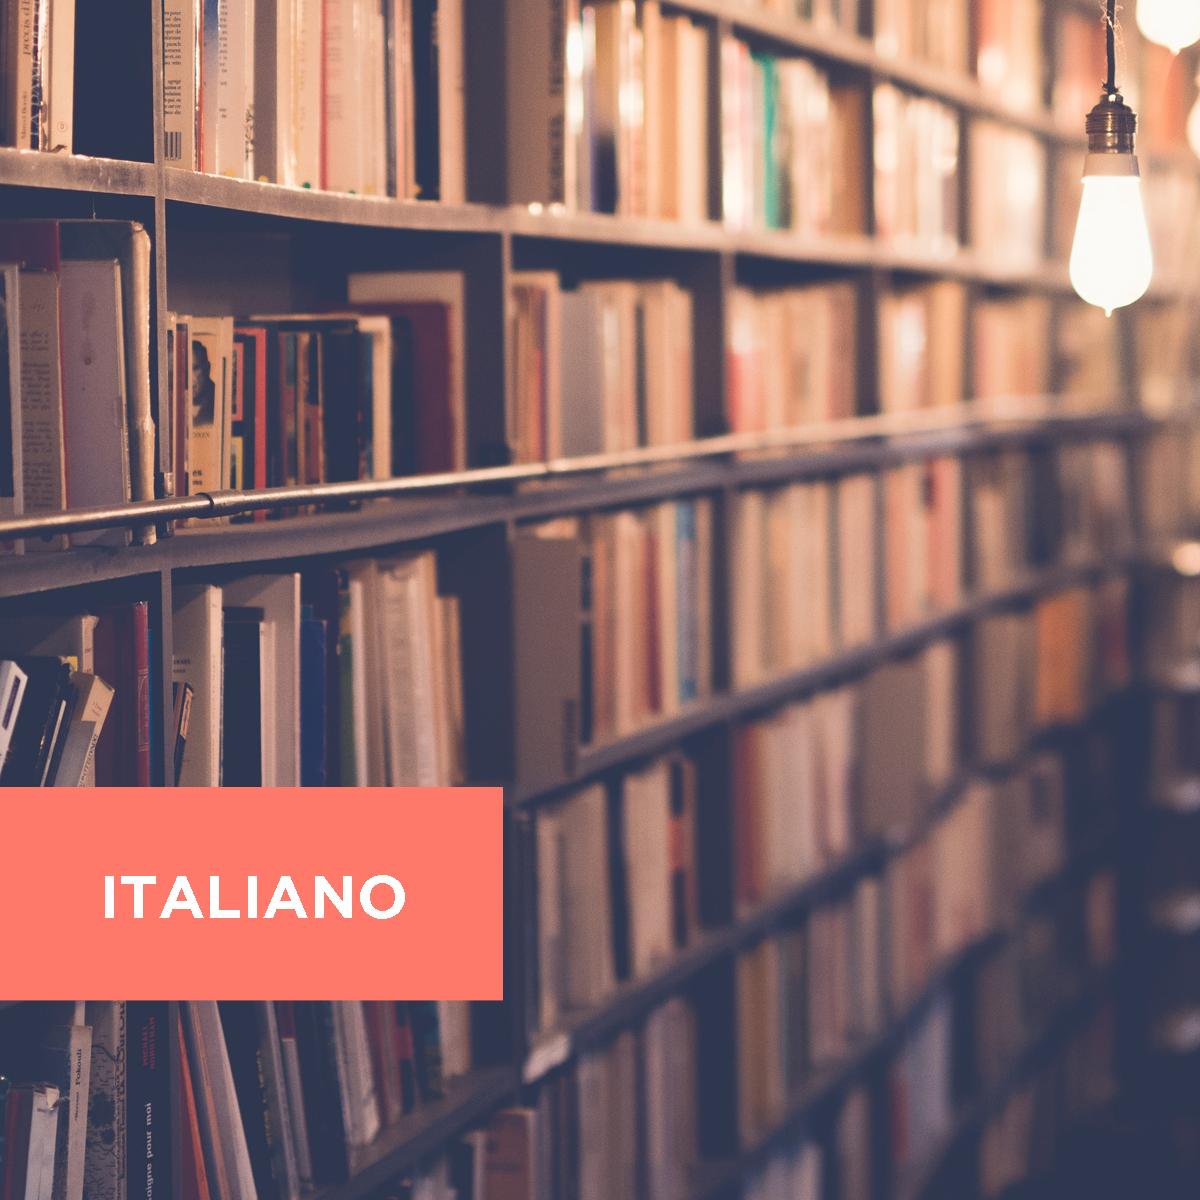 La peer education nella didattica della lettura e l'importanza della letteratura contemporanea per ragazzi